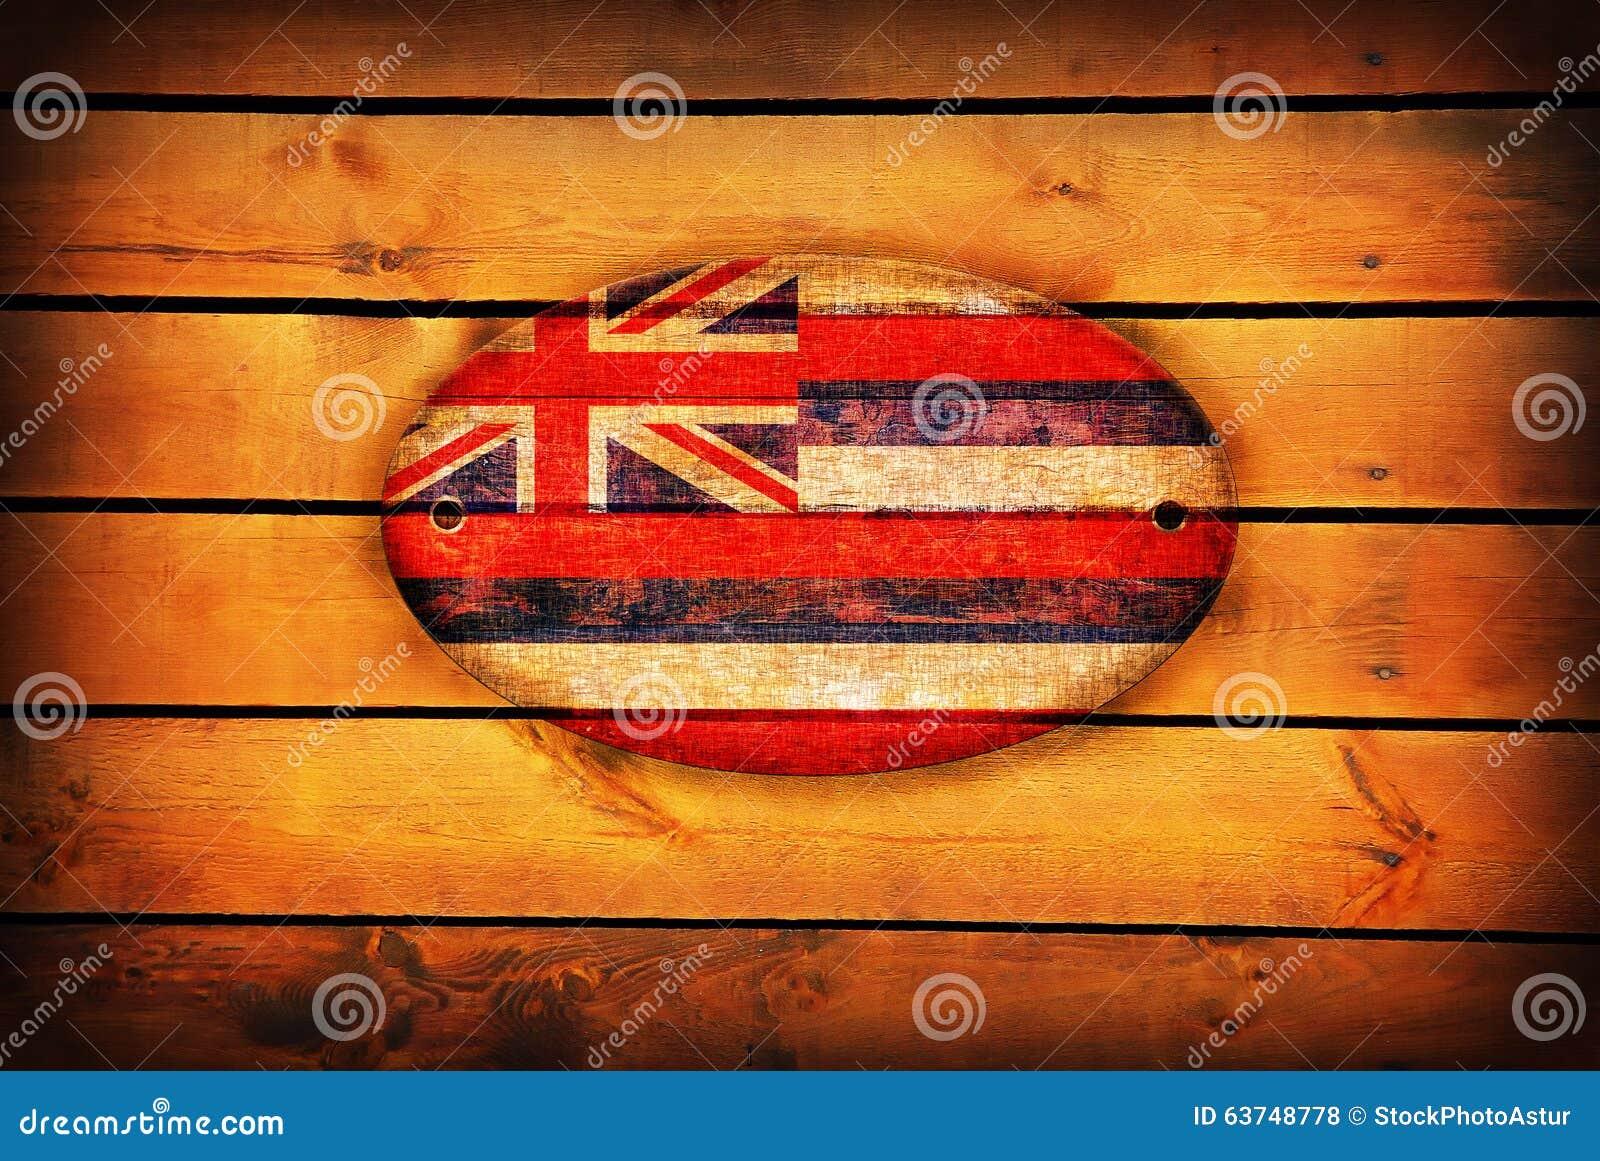 Wooden Hawaii flag.